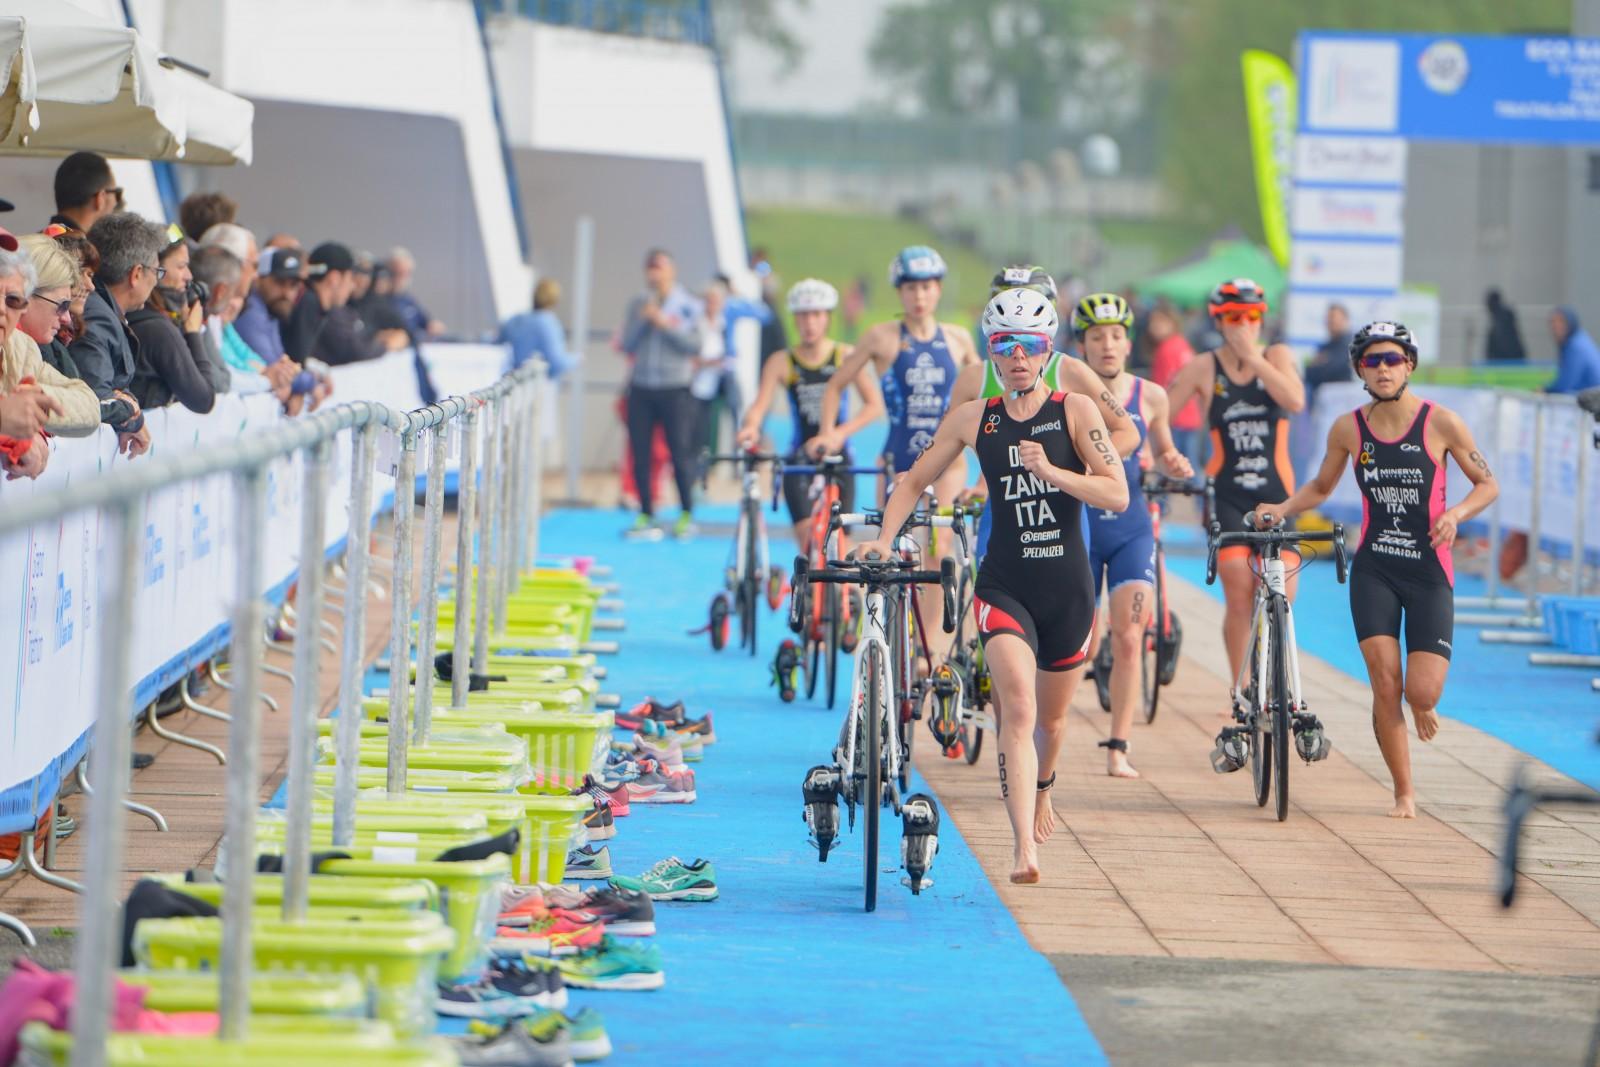 Grand Prix Triathlon - 2^ tappa